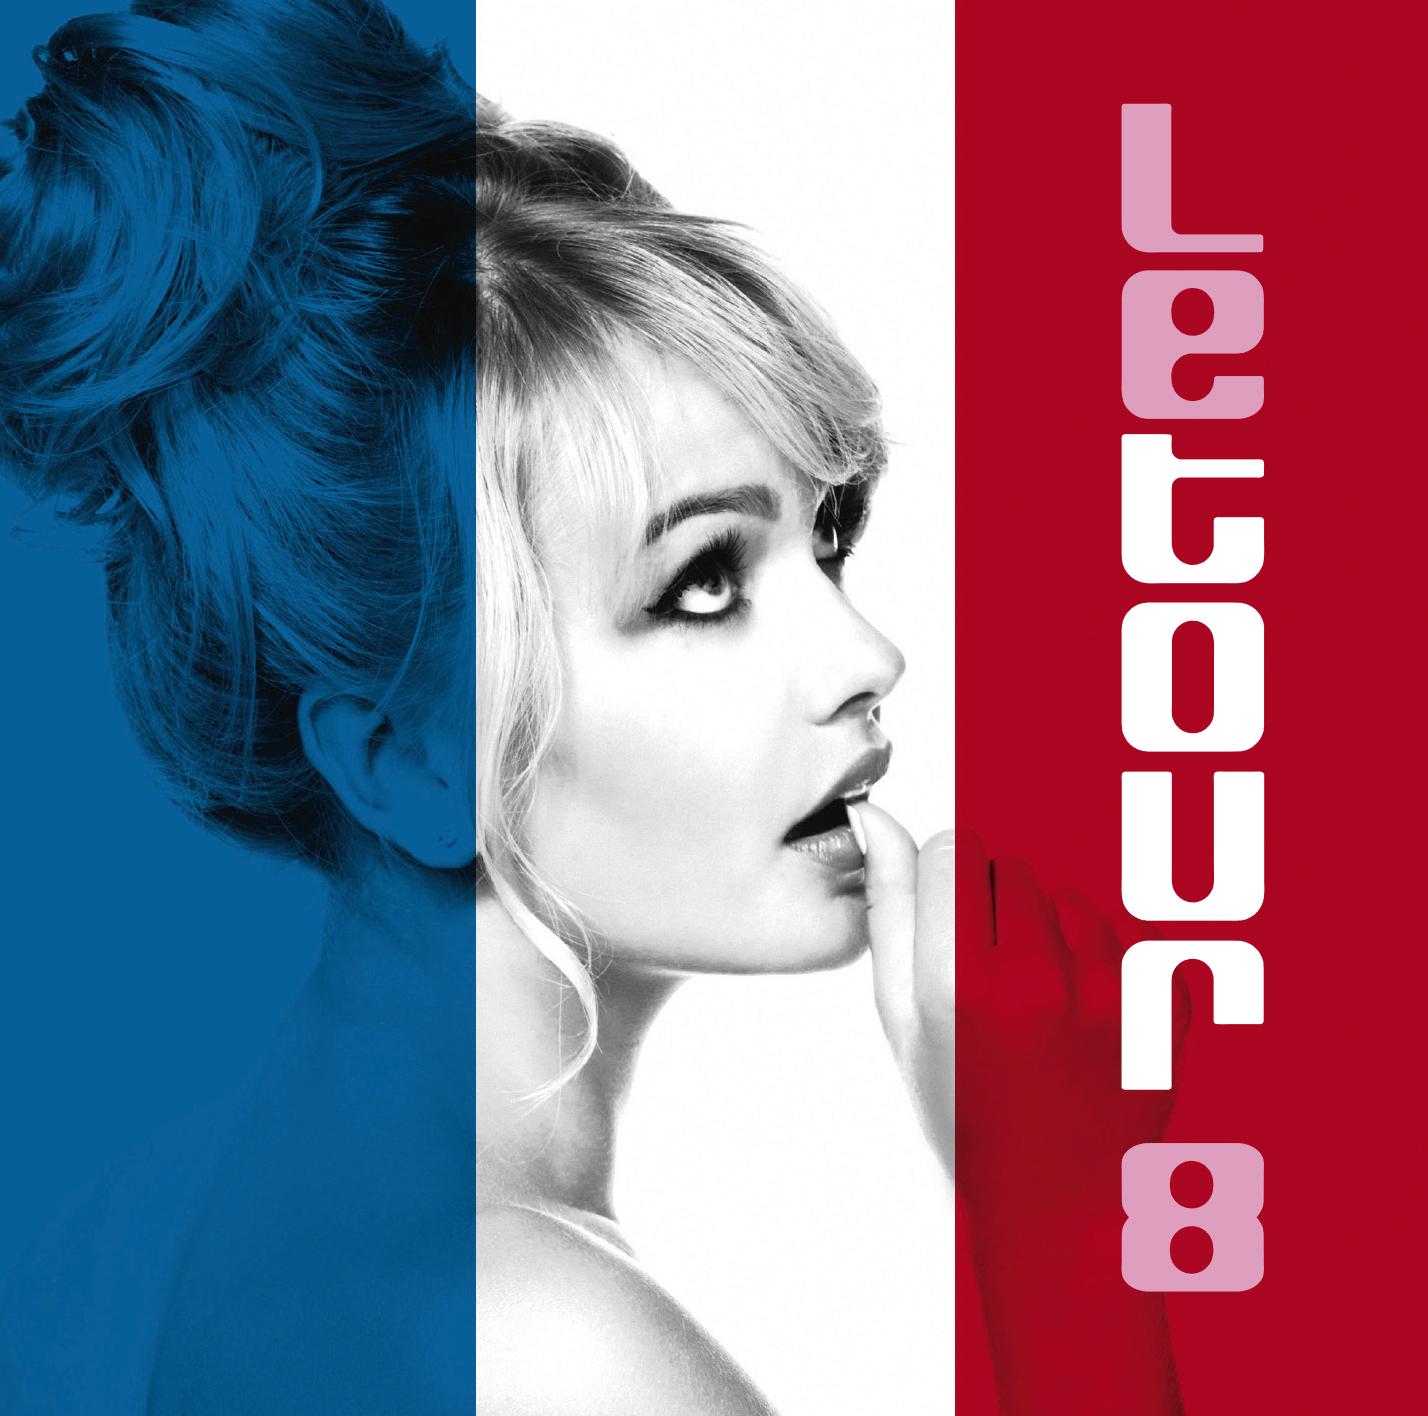 http://le-tour.net/images/01_grafik/LeTour8_druck.jpg